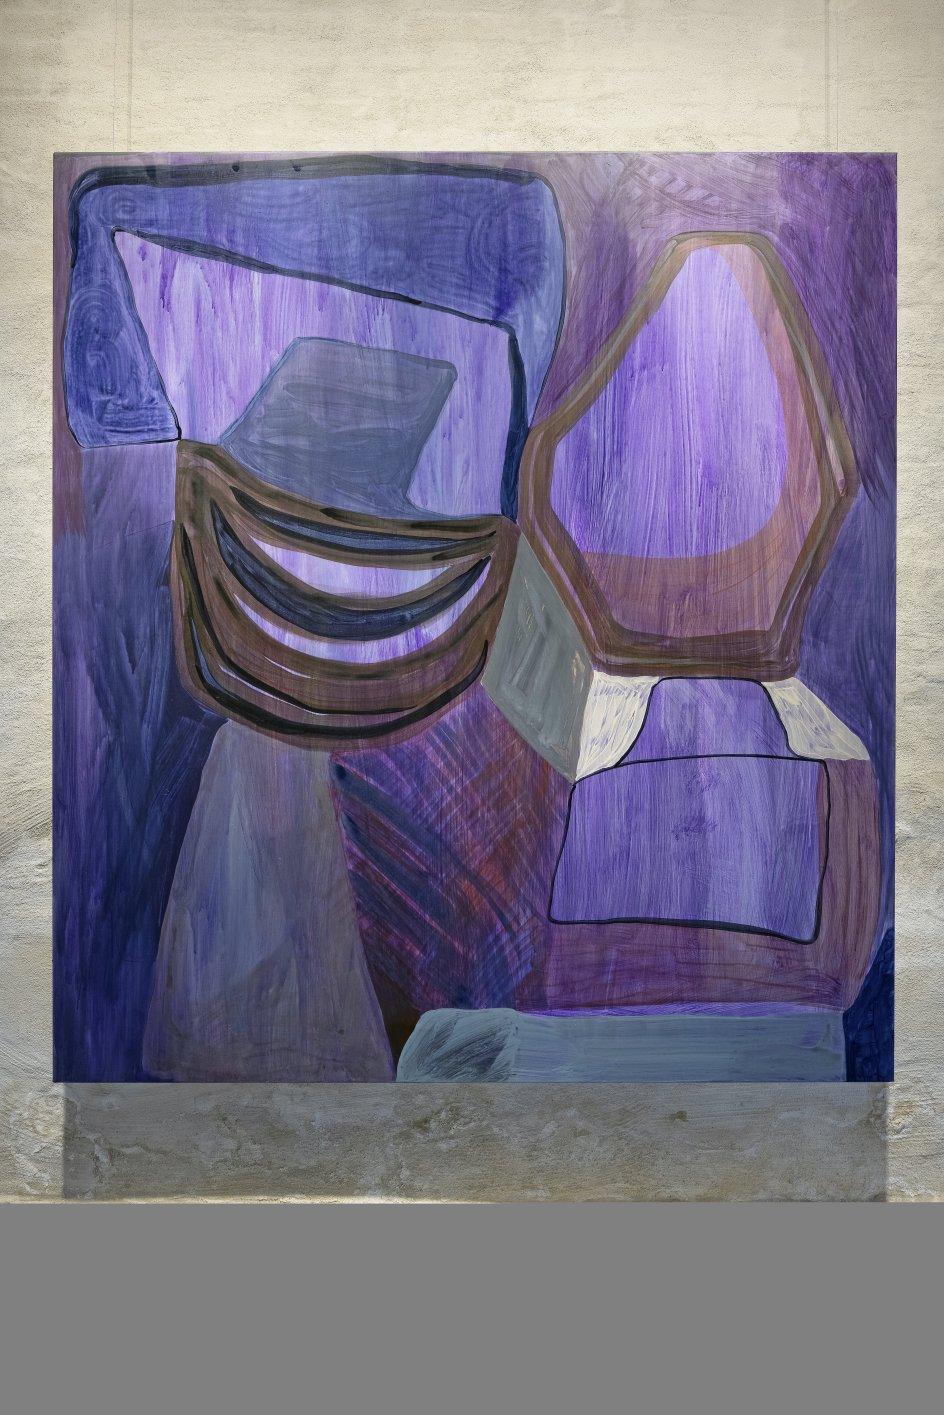 Der er på udstillingen også flere store værker af danske Julie Sass (født 1971), der de seneste 10 år har opholdt sig en del i Torshavn. – Foto: Torben Eskerod/Nordatlantens Brygge.